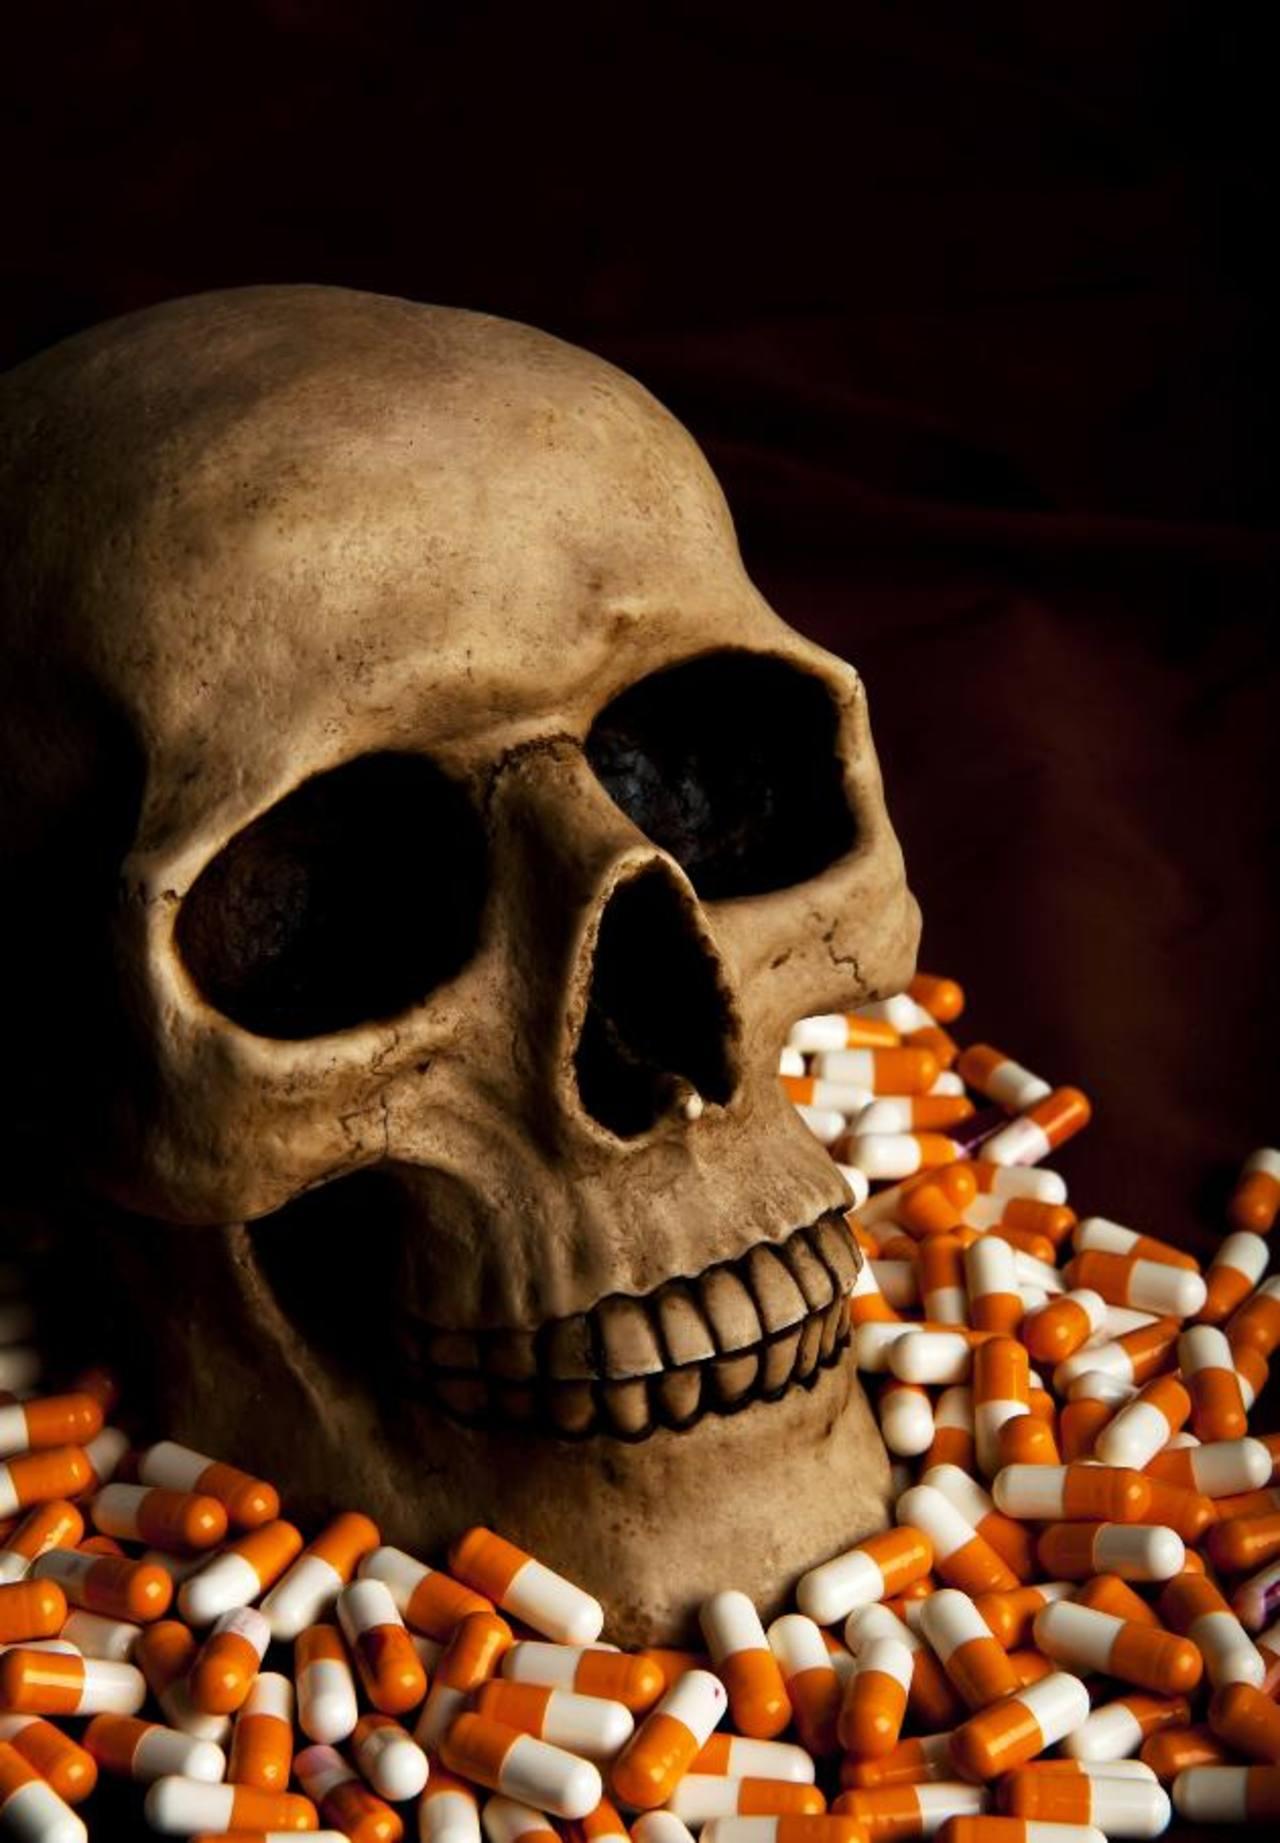 Fármacos, una nueva adicción entre jóvenes